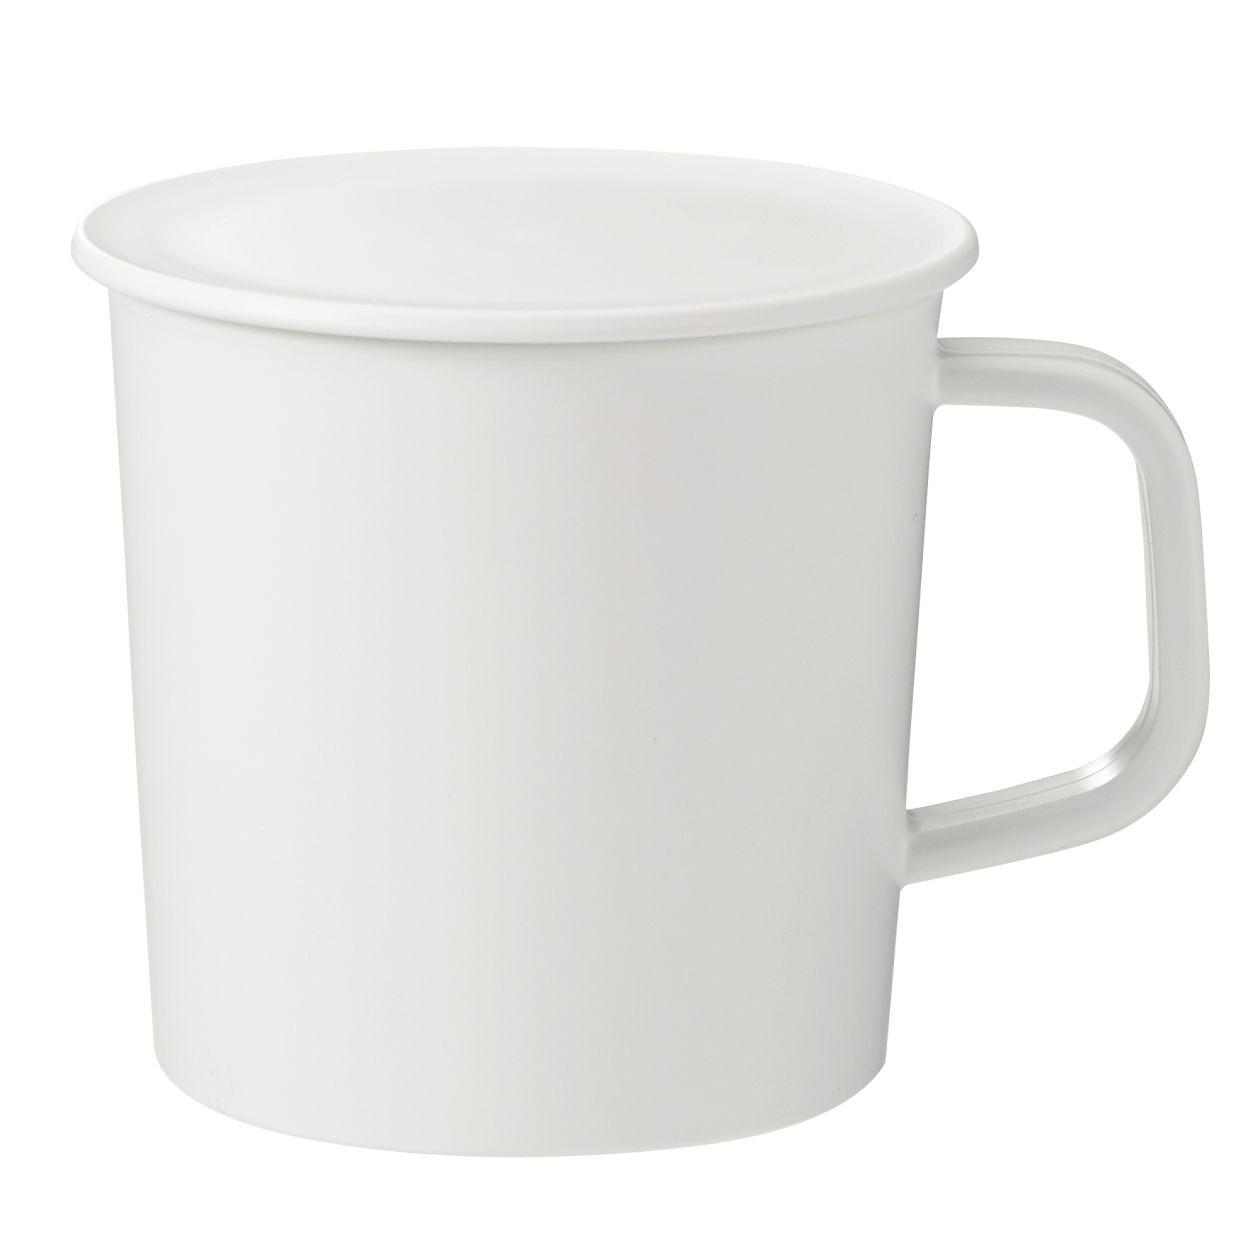 ポリプロピレンふた付きマグカップ・白